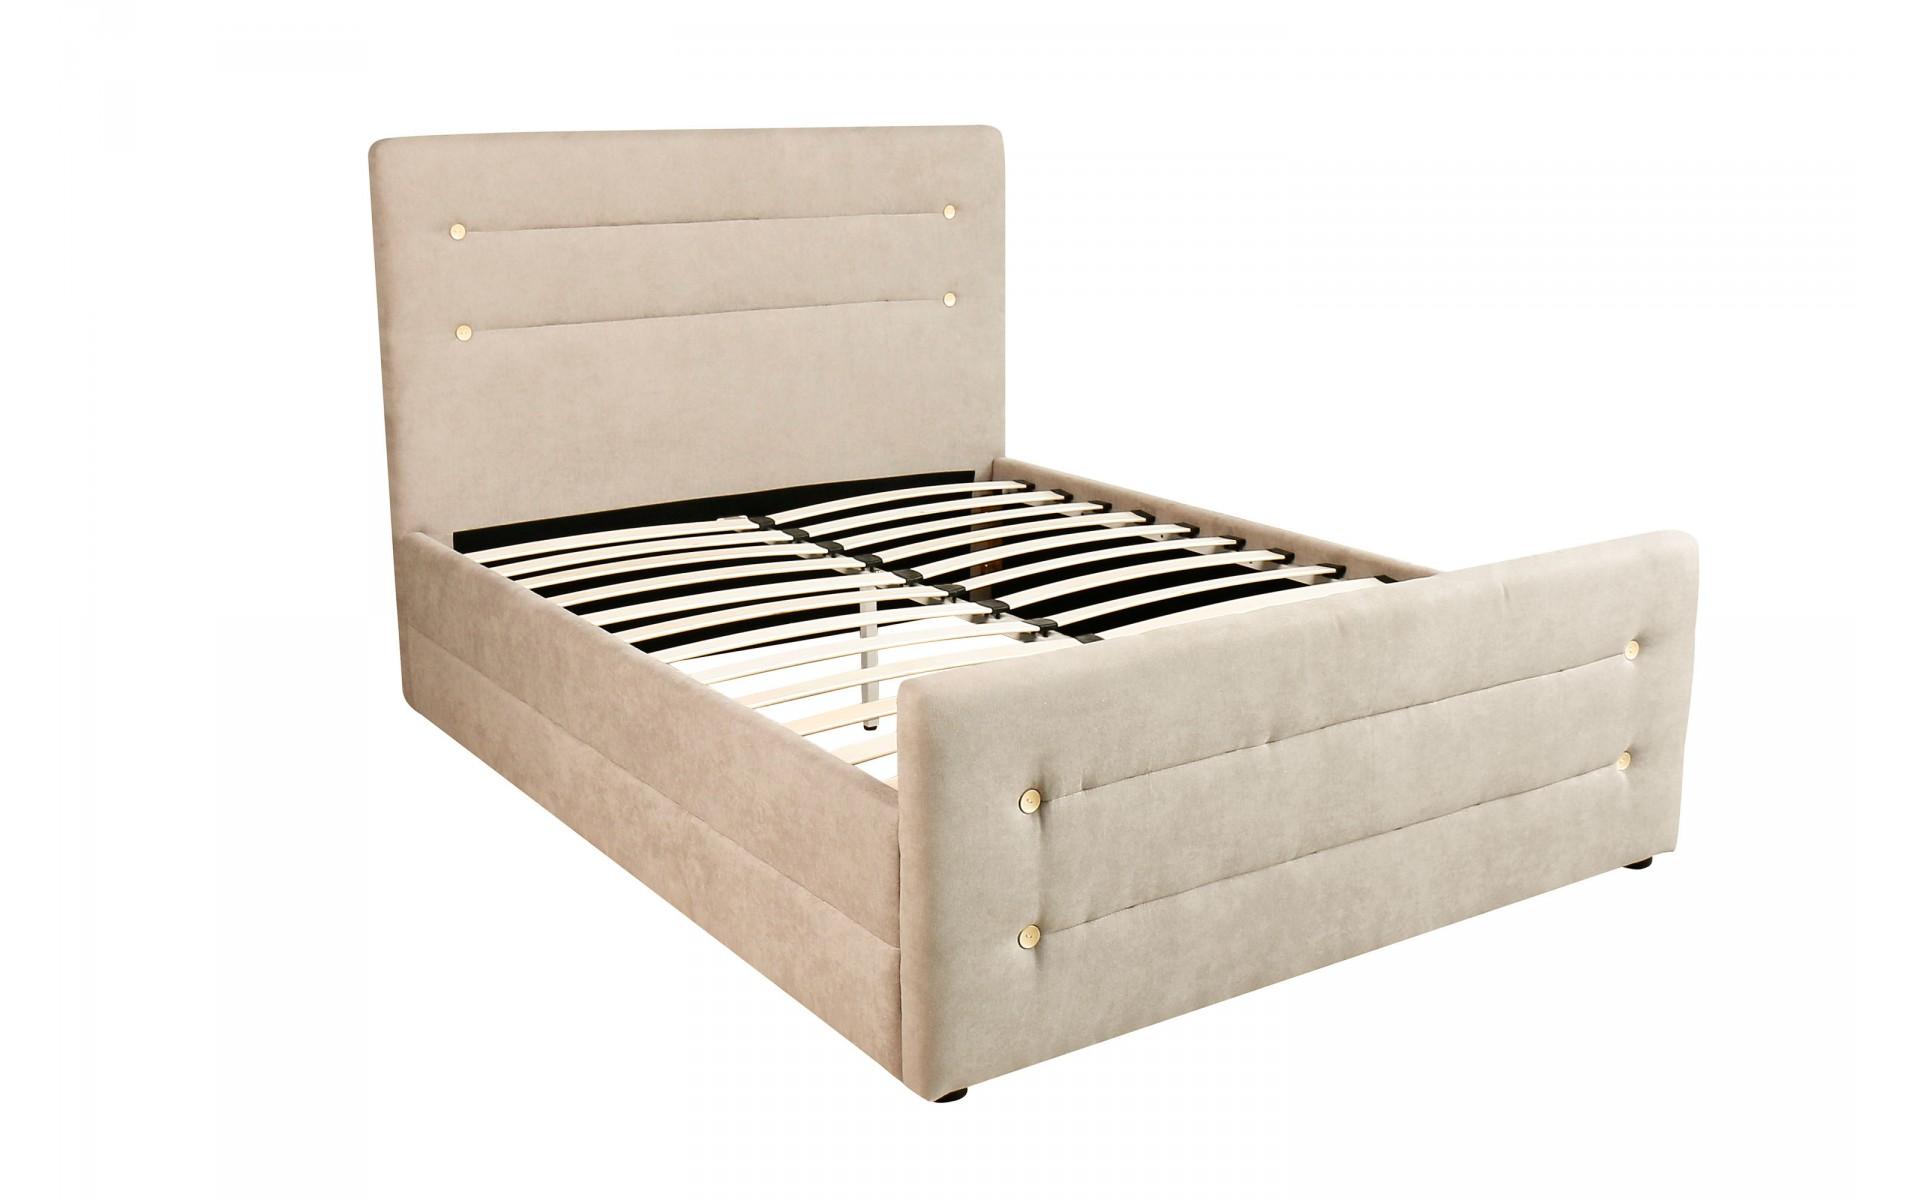 lit 2 personnes avec sommier inclus